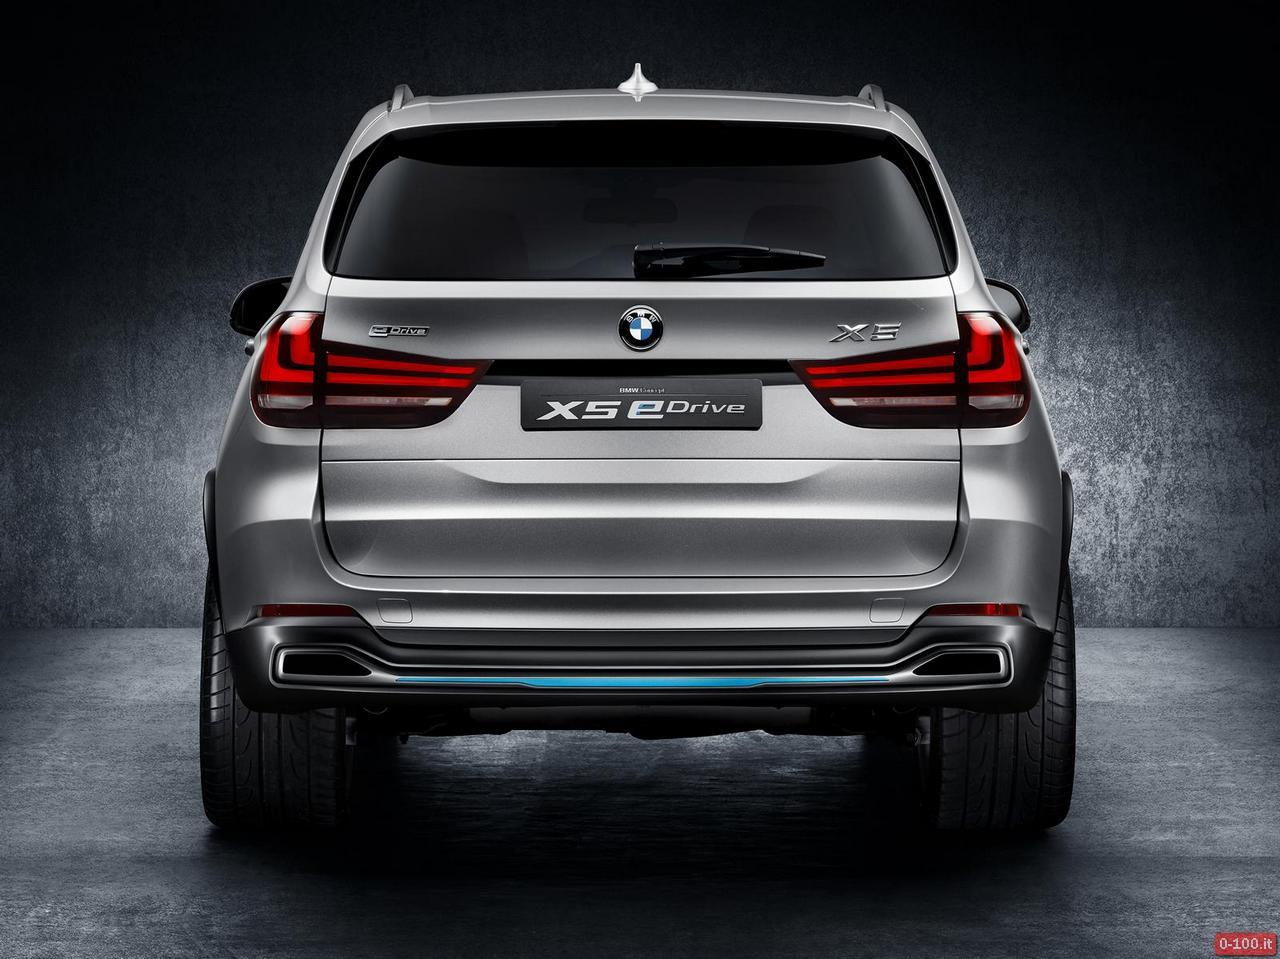 bmw-x5-edrive-concept-nel-2015-in-listino-0-100_4